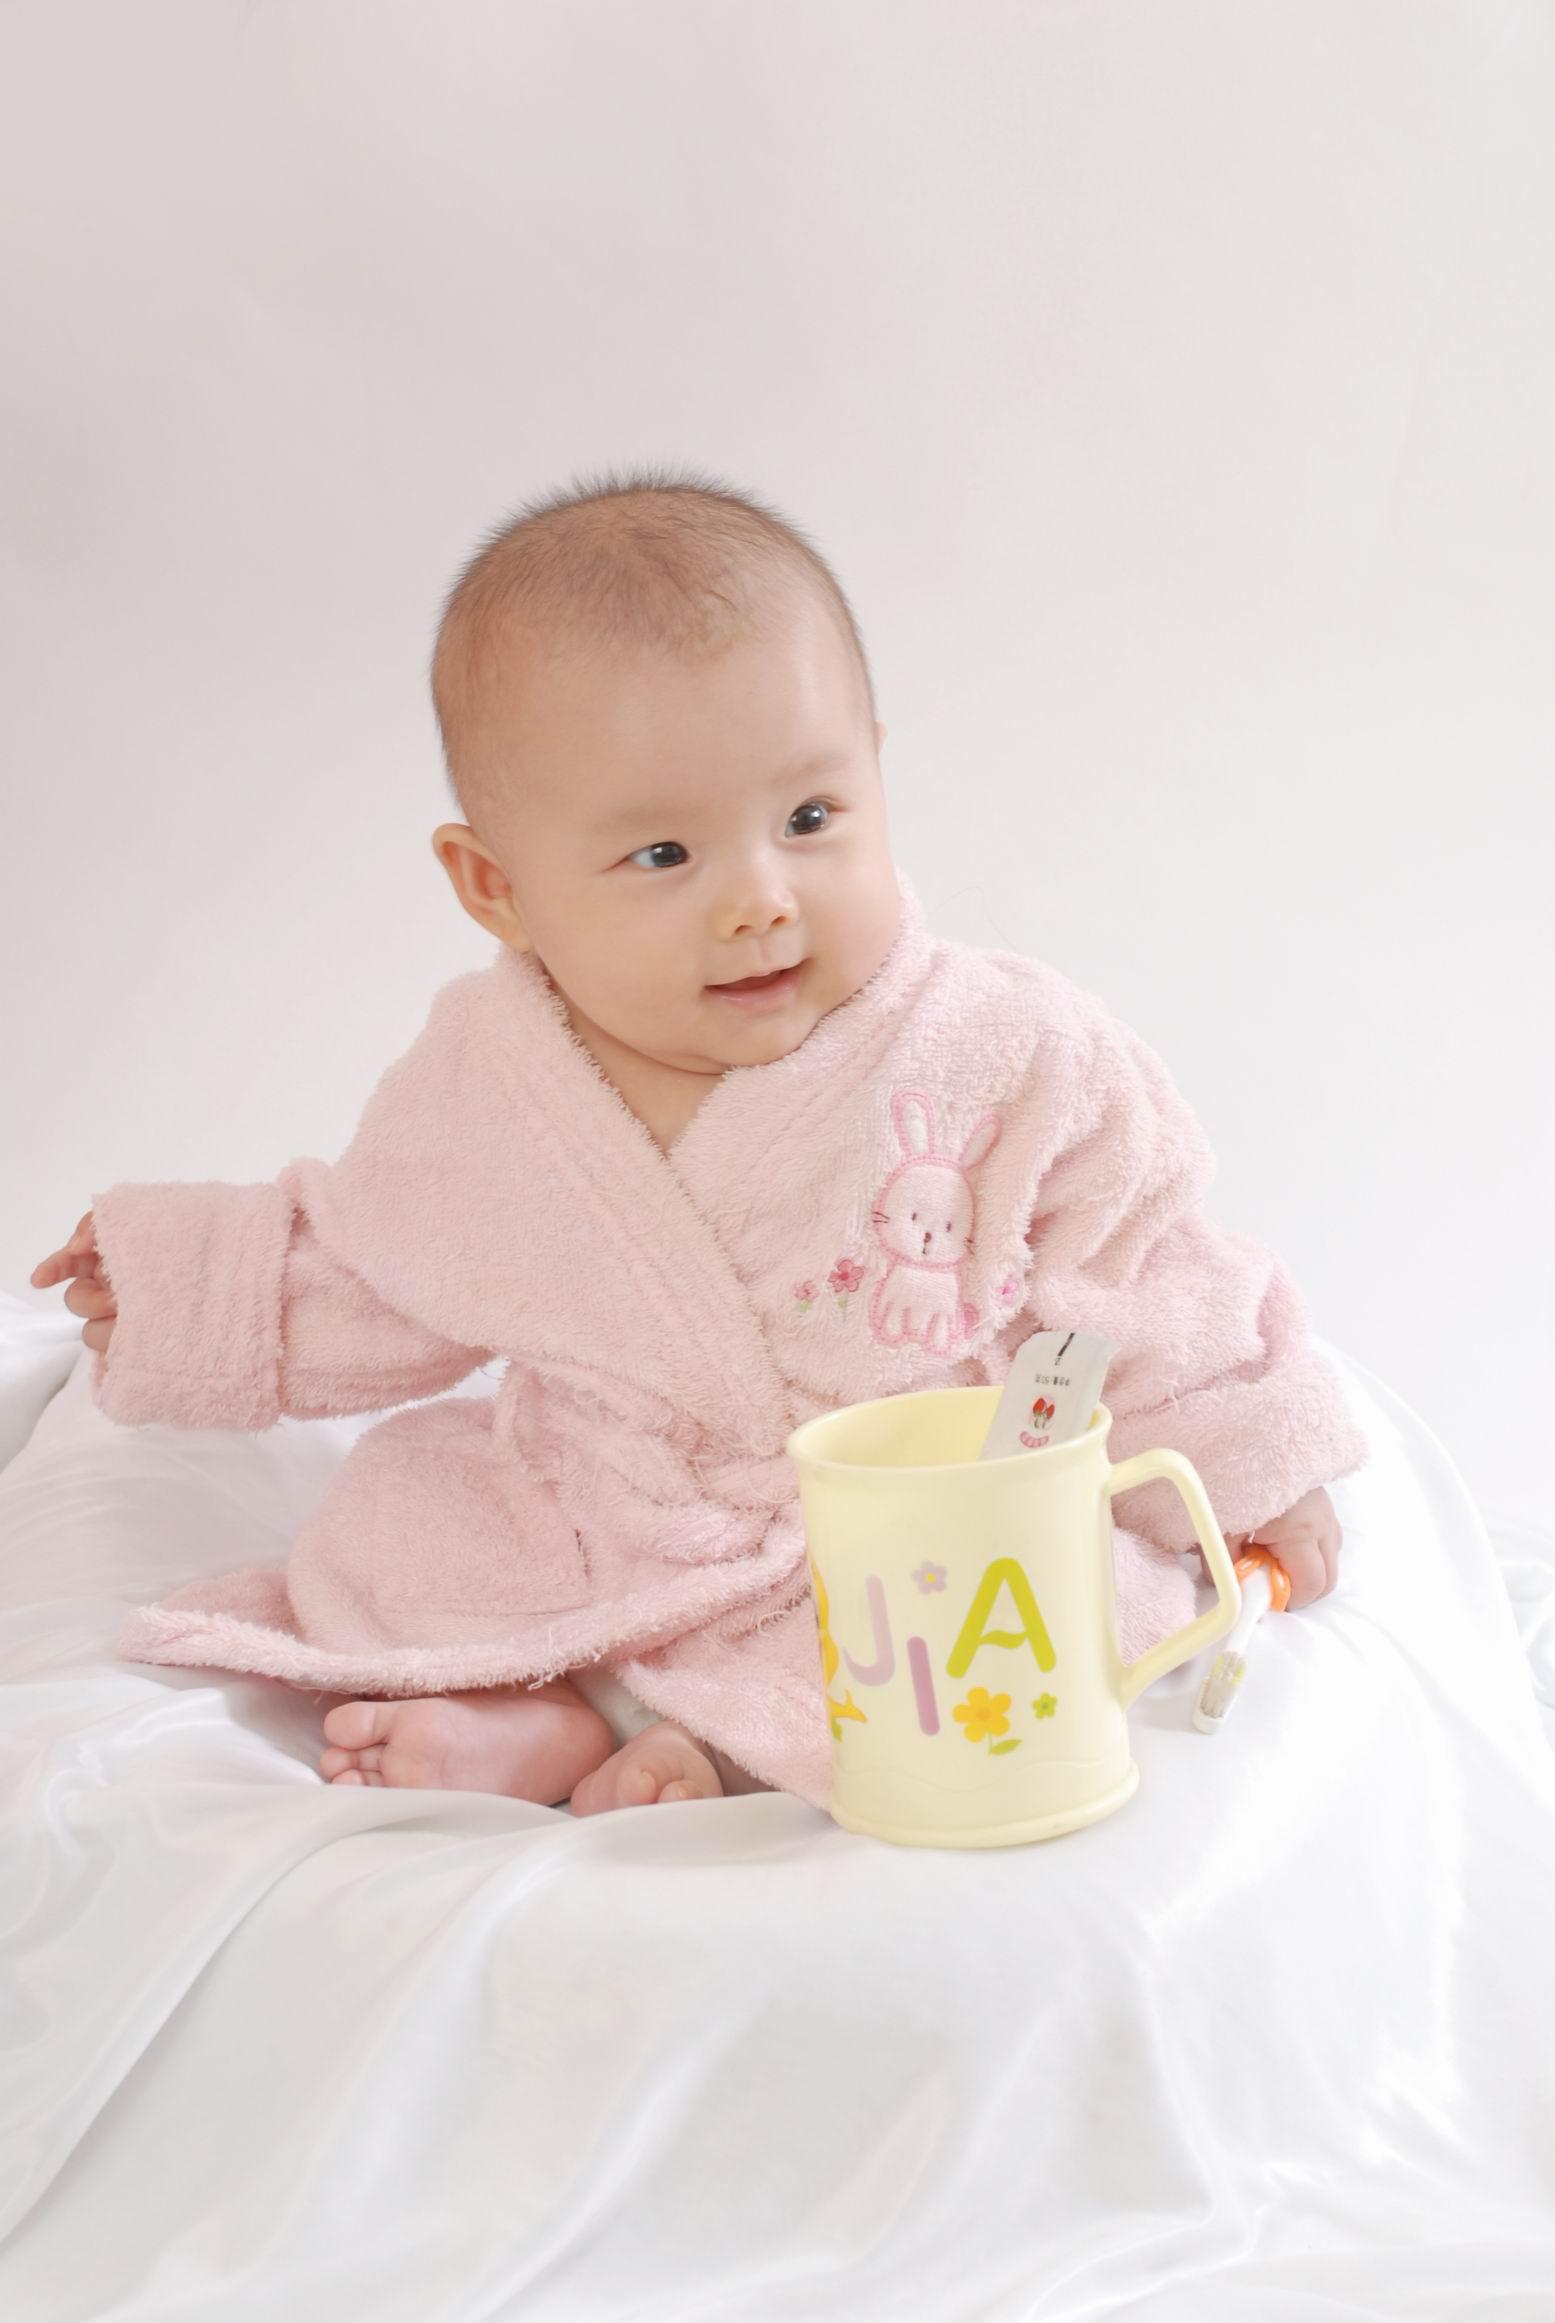 宝宝 壁纸 儿童 孩子 小孩 婴儿 1555_2323 竖版 竖屏 手机